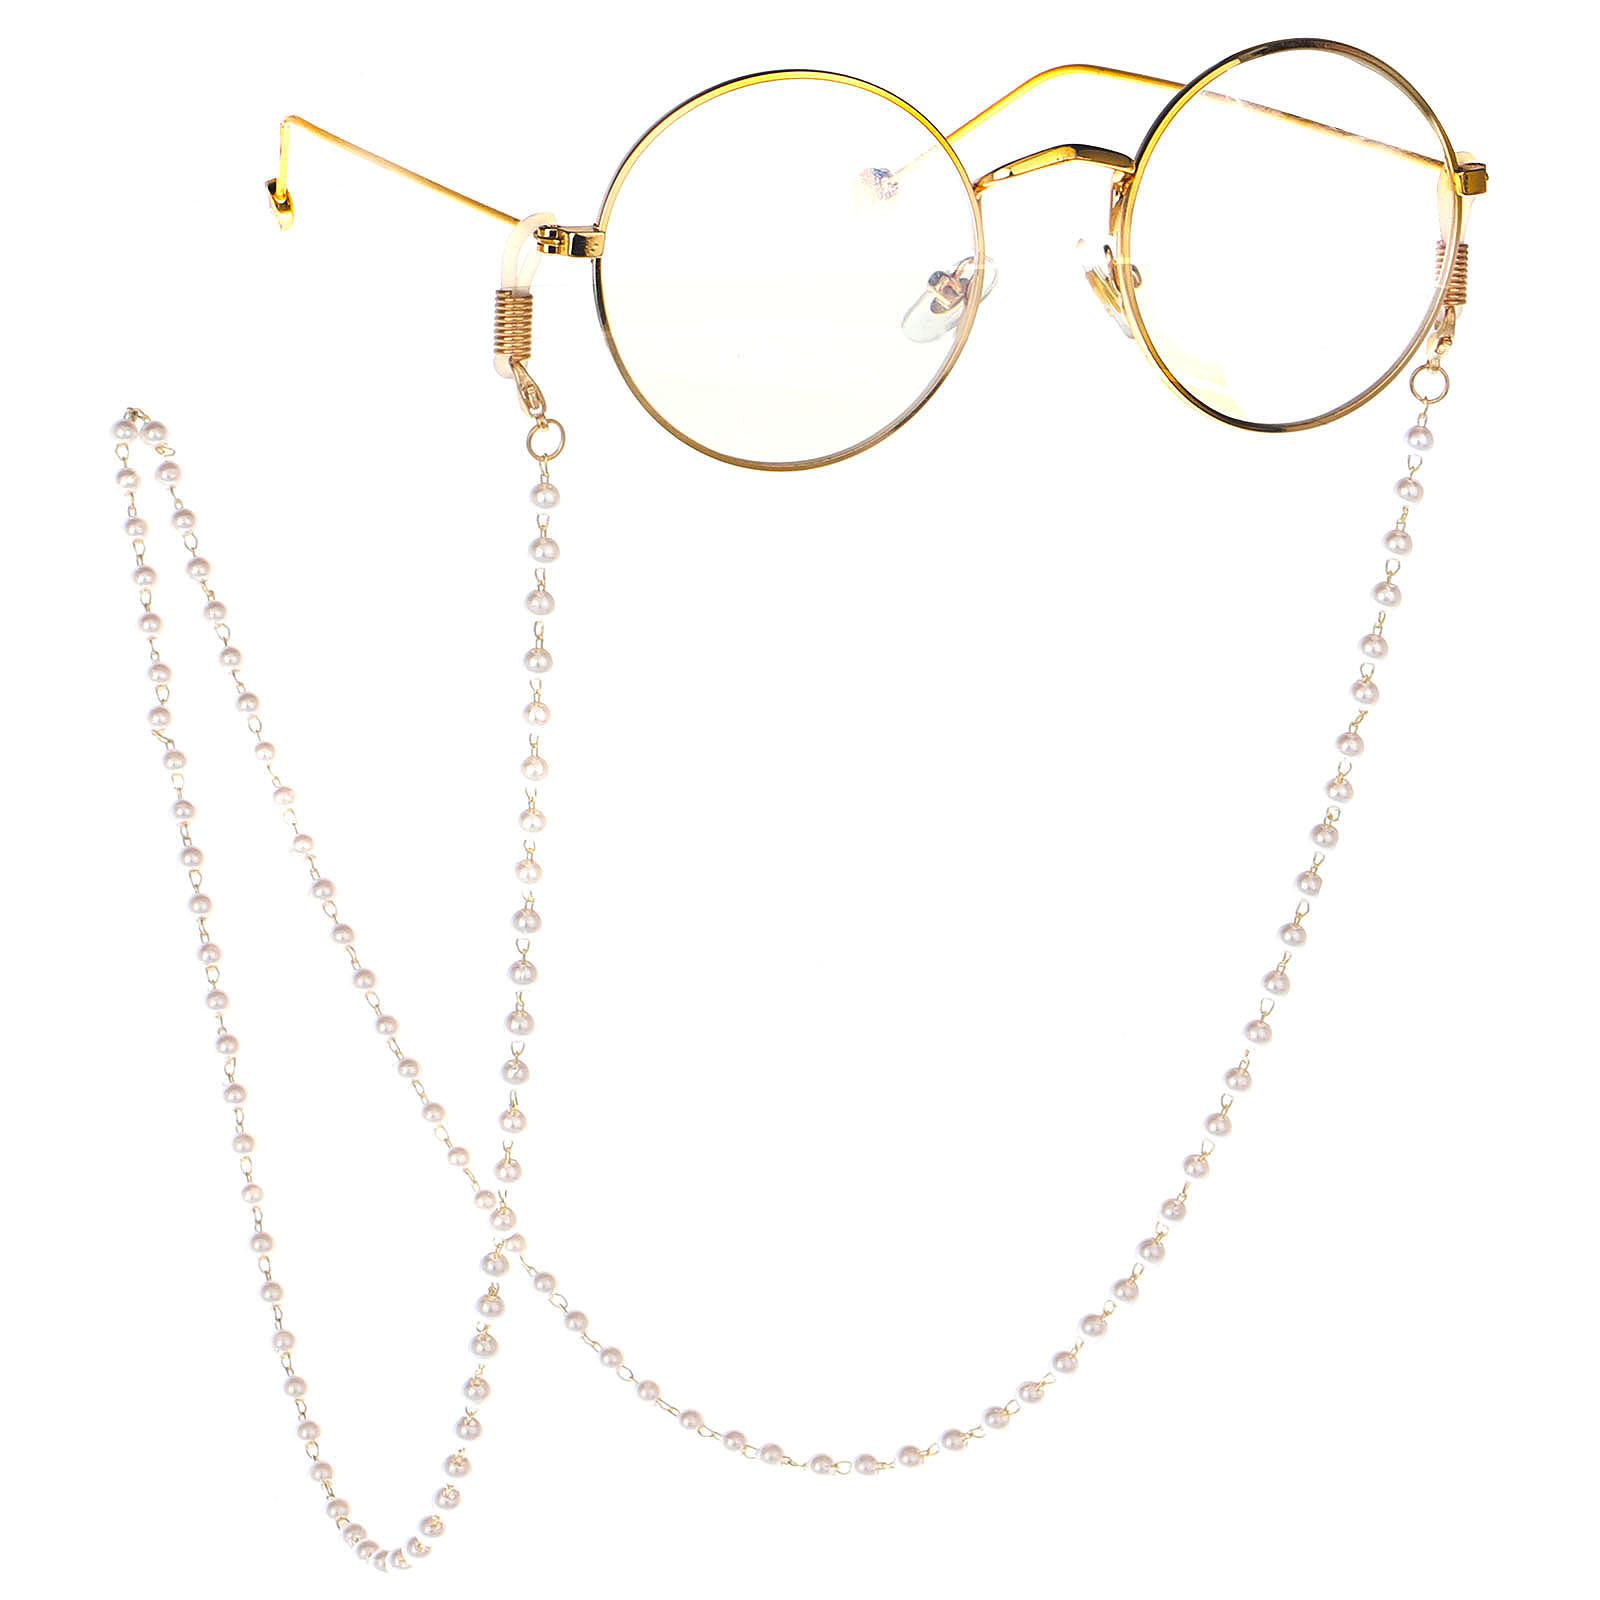 时尚简约全手工白色珍珠眼镜鏈链条眼镜链